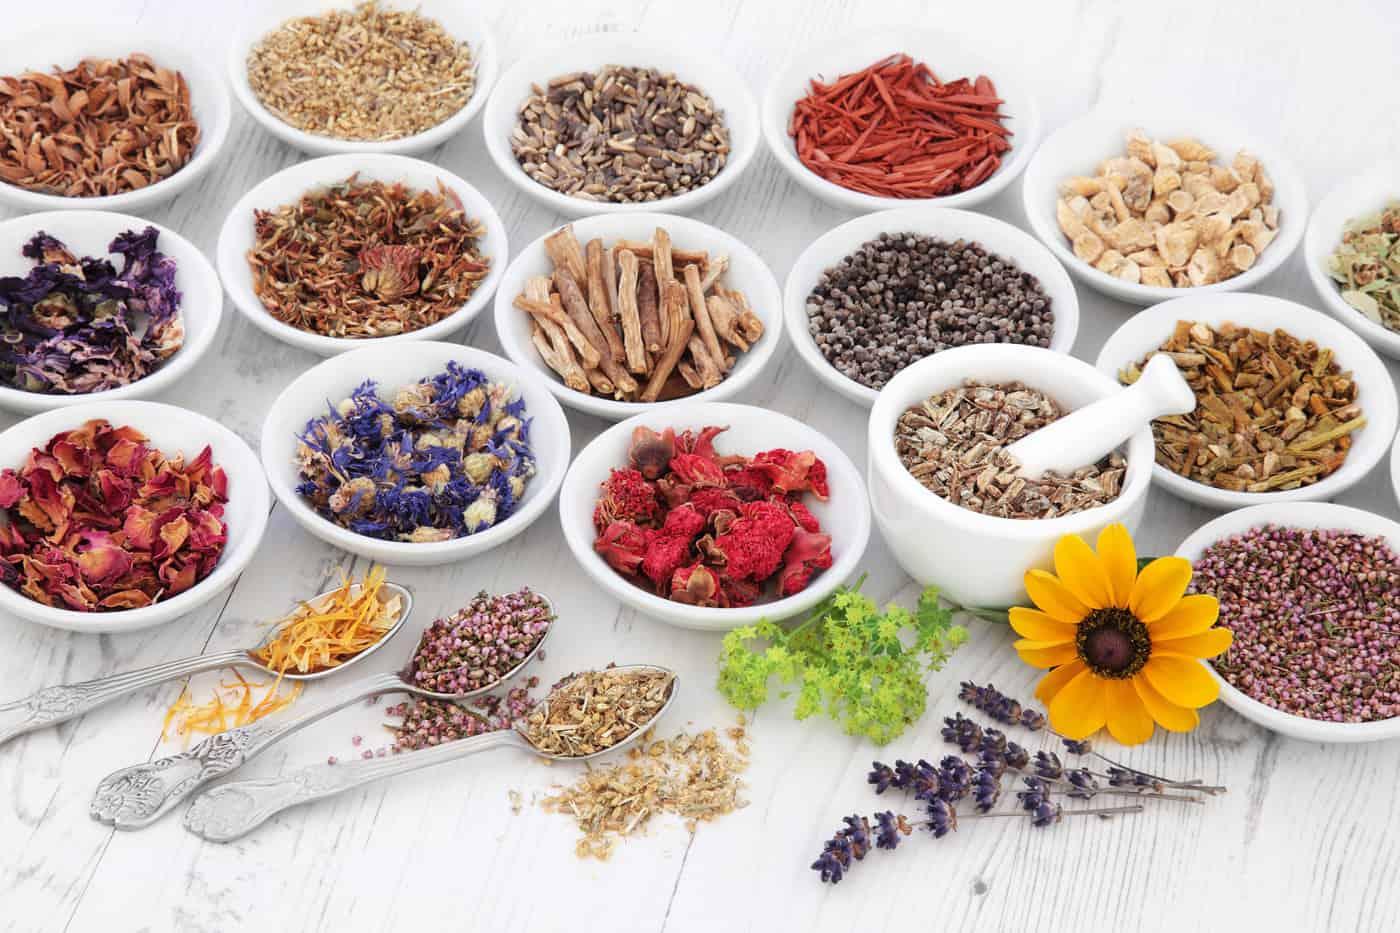 علاج نزيف الرحم بالأعشاب